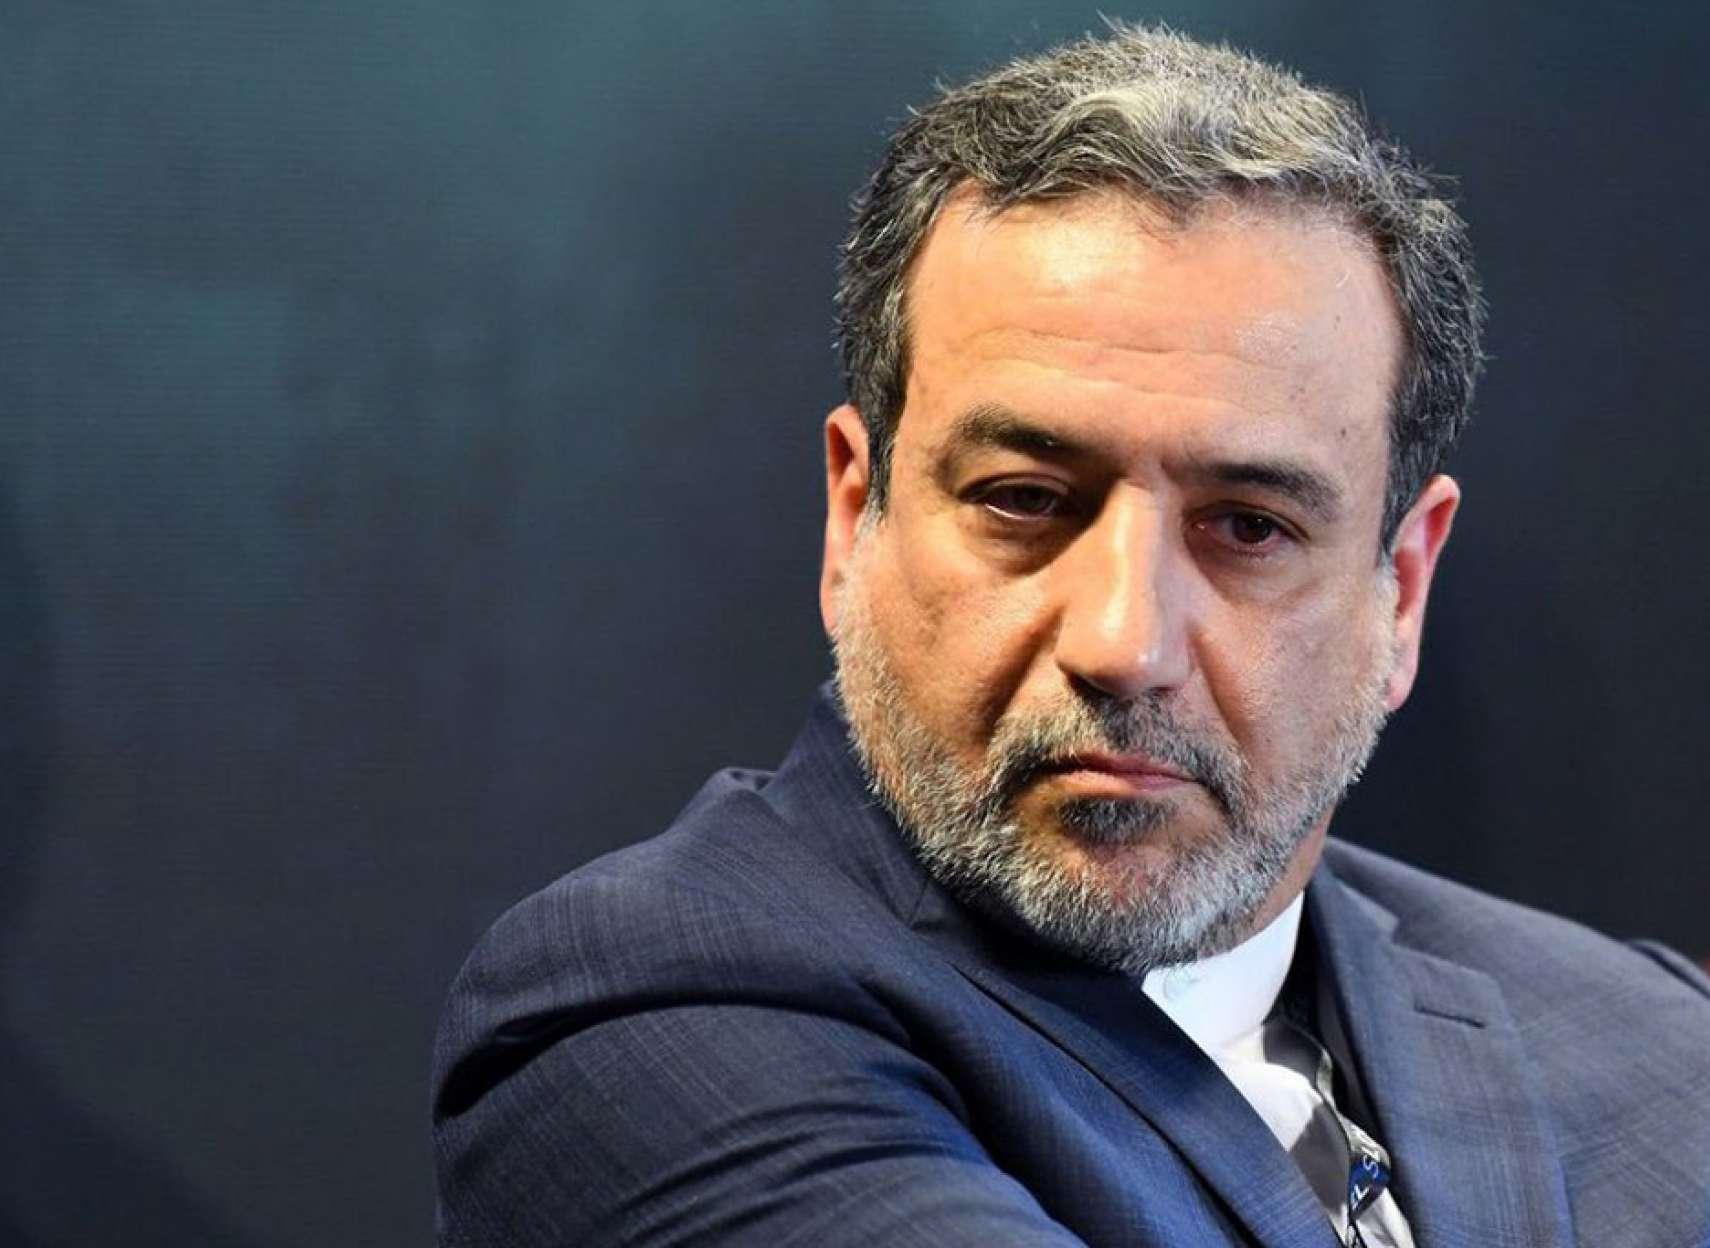 اقتصاد-تنباکویی-ایران-آماده-مذاکره-با-آمریکا-در-هیچ-سطحی-نیست